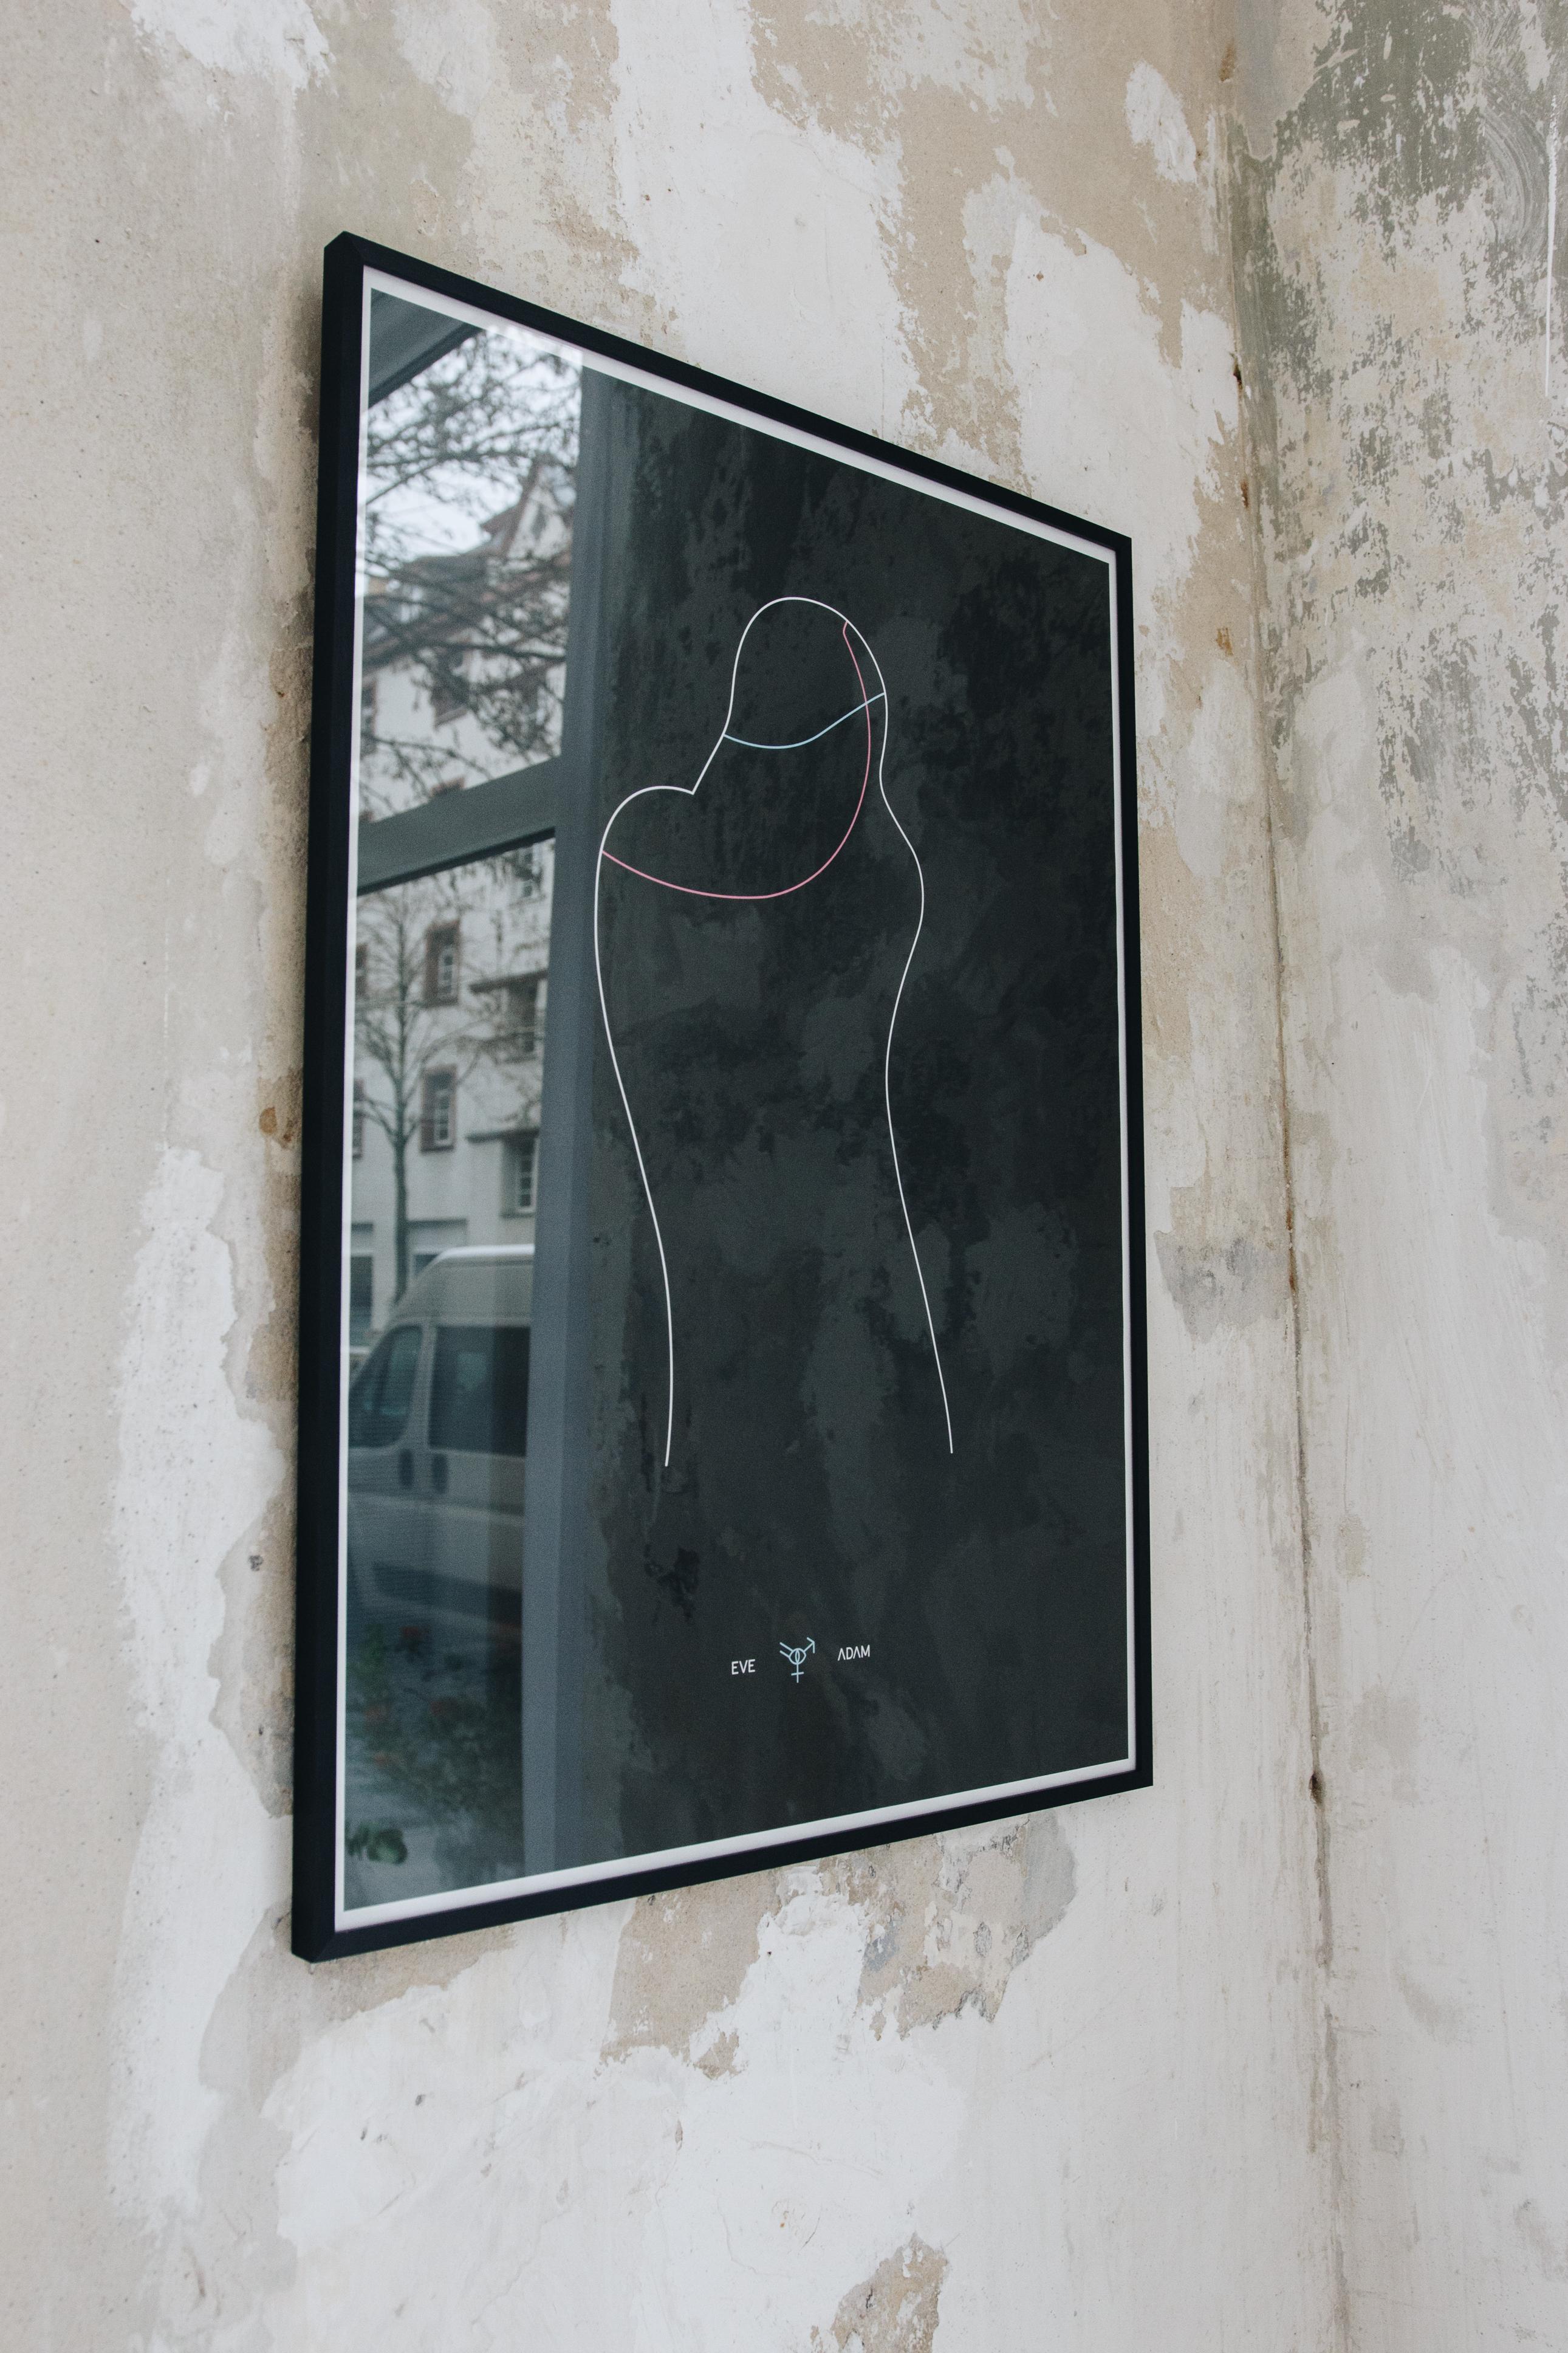 apartment102-annabelle sagt-mindt design studio-yoga-pierre von helden-leipzig37